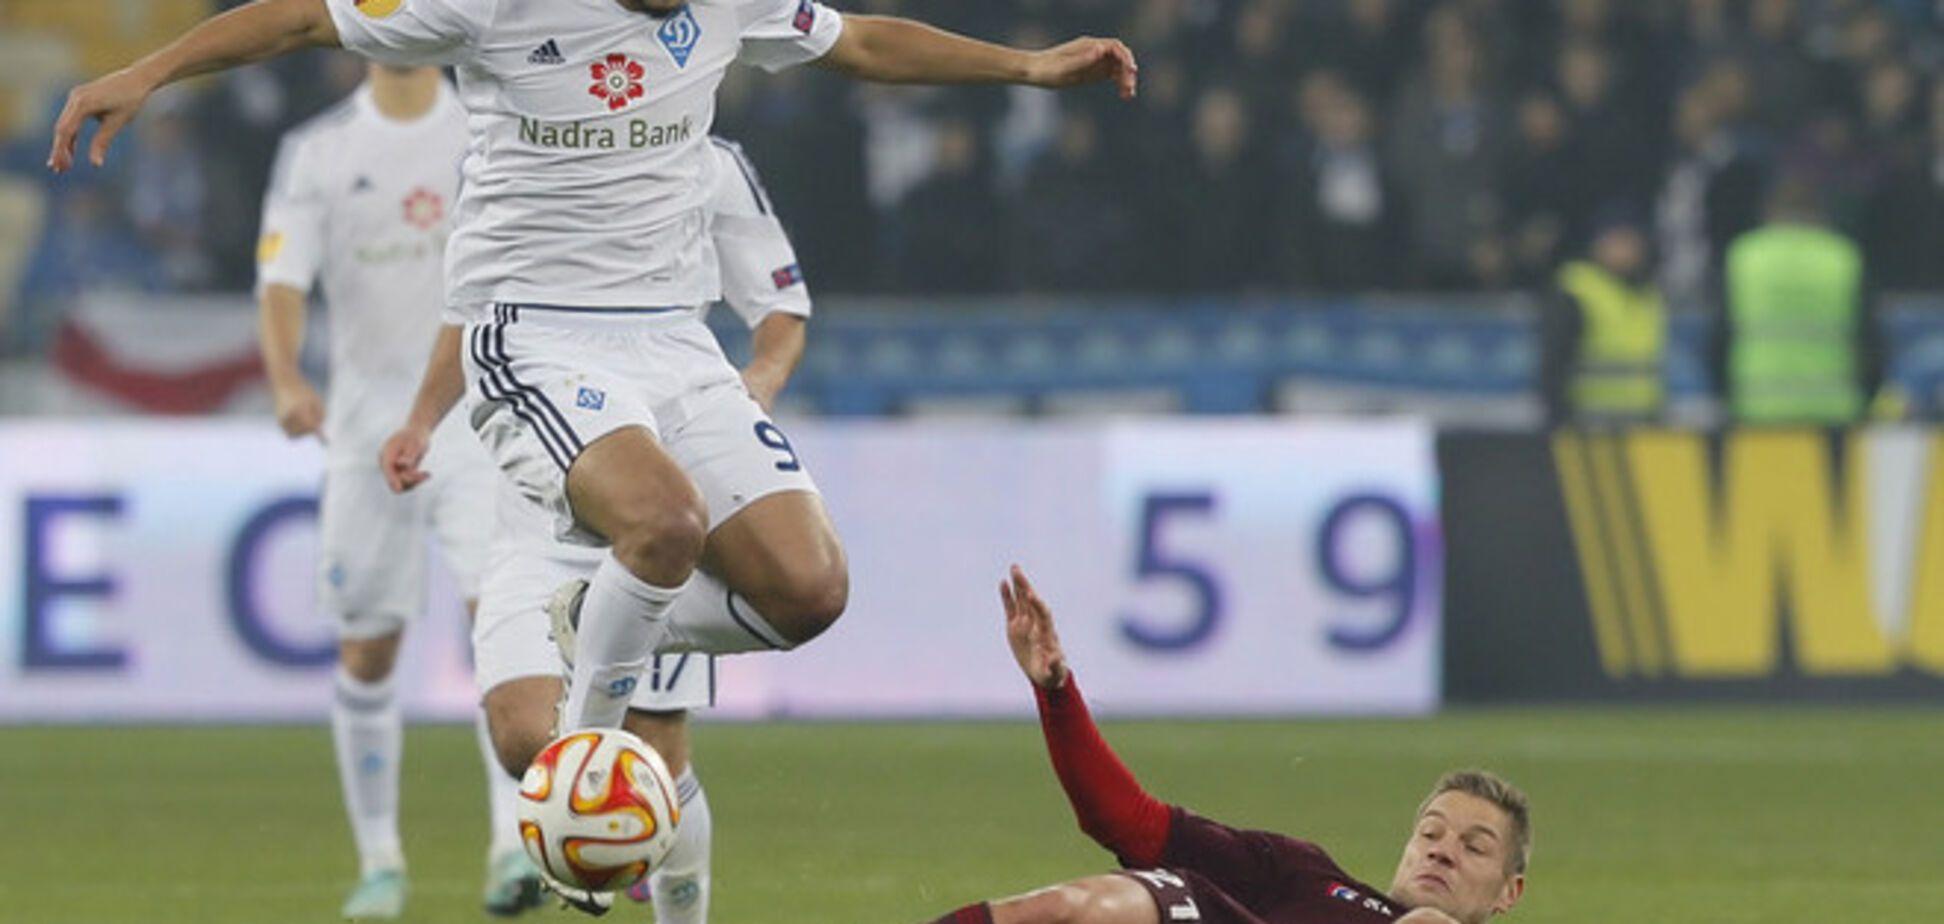 'Динамо' в меньшинстве вырвало победу в Лиге Европы: фото триумфа